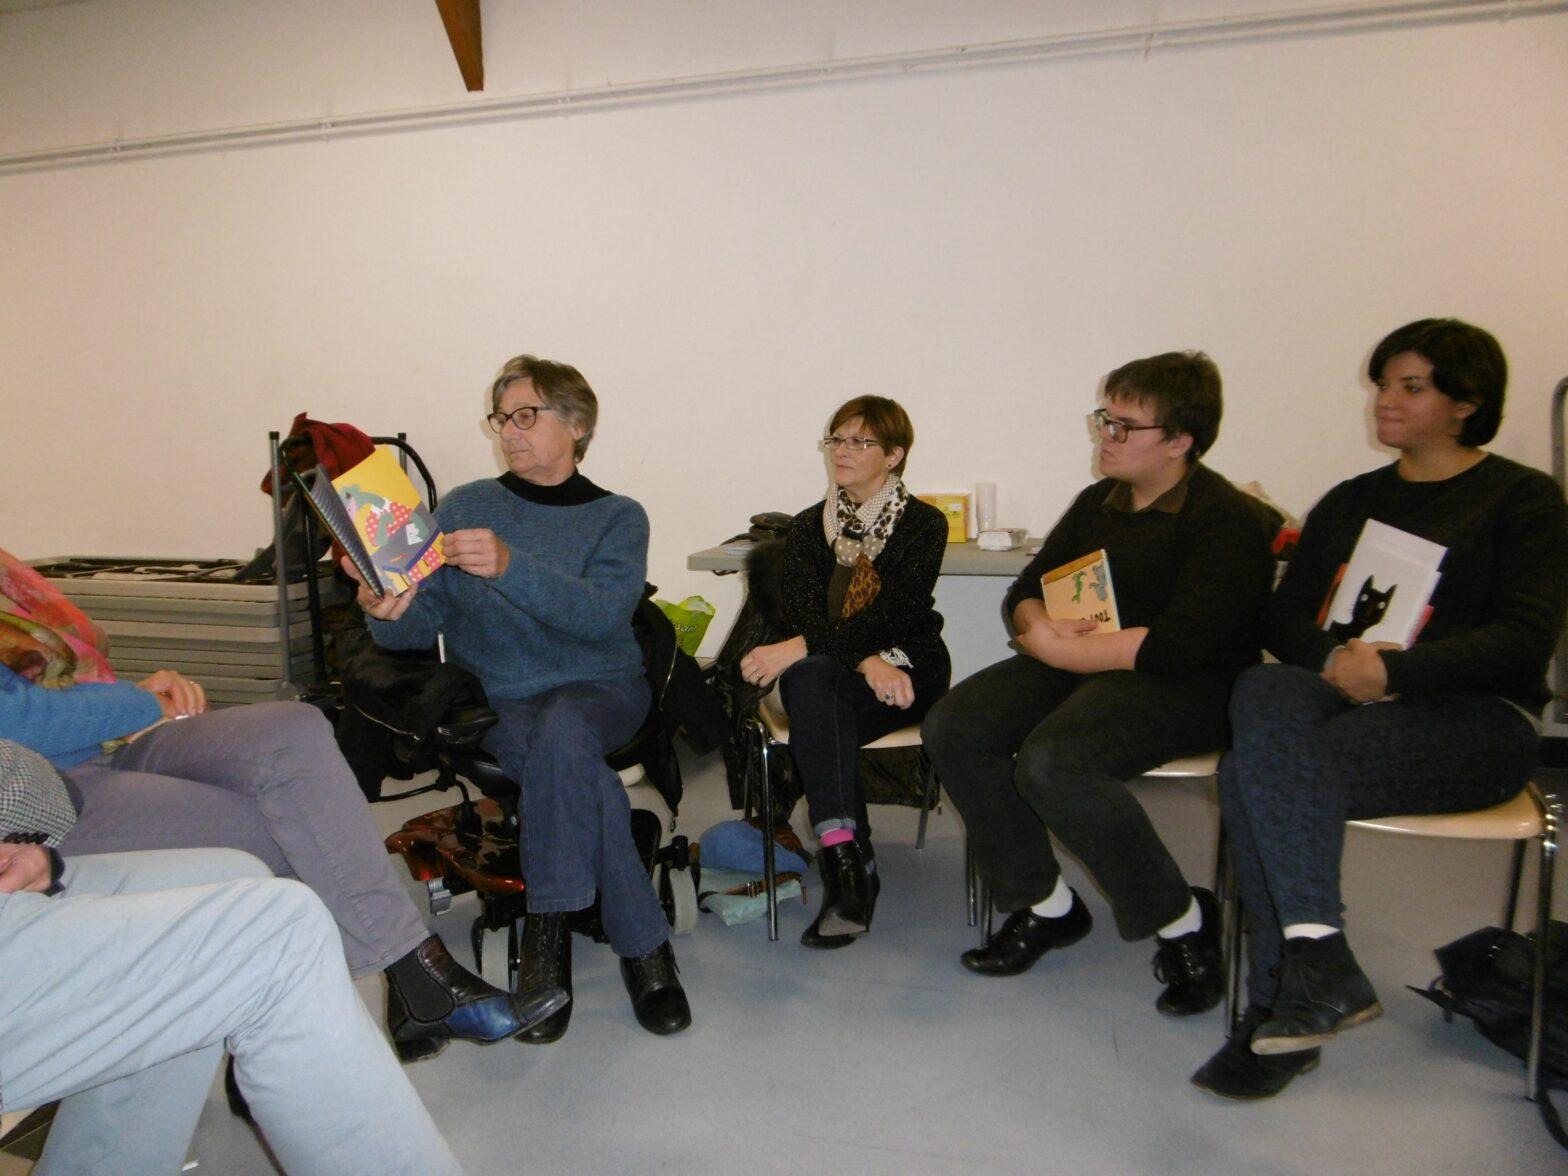 Des soirées de lecture partagée racontées par Anouk Gouzerh et Cyril Varquet